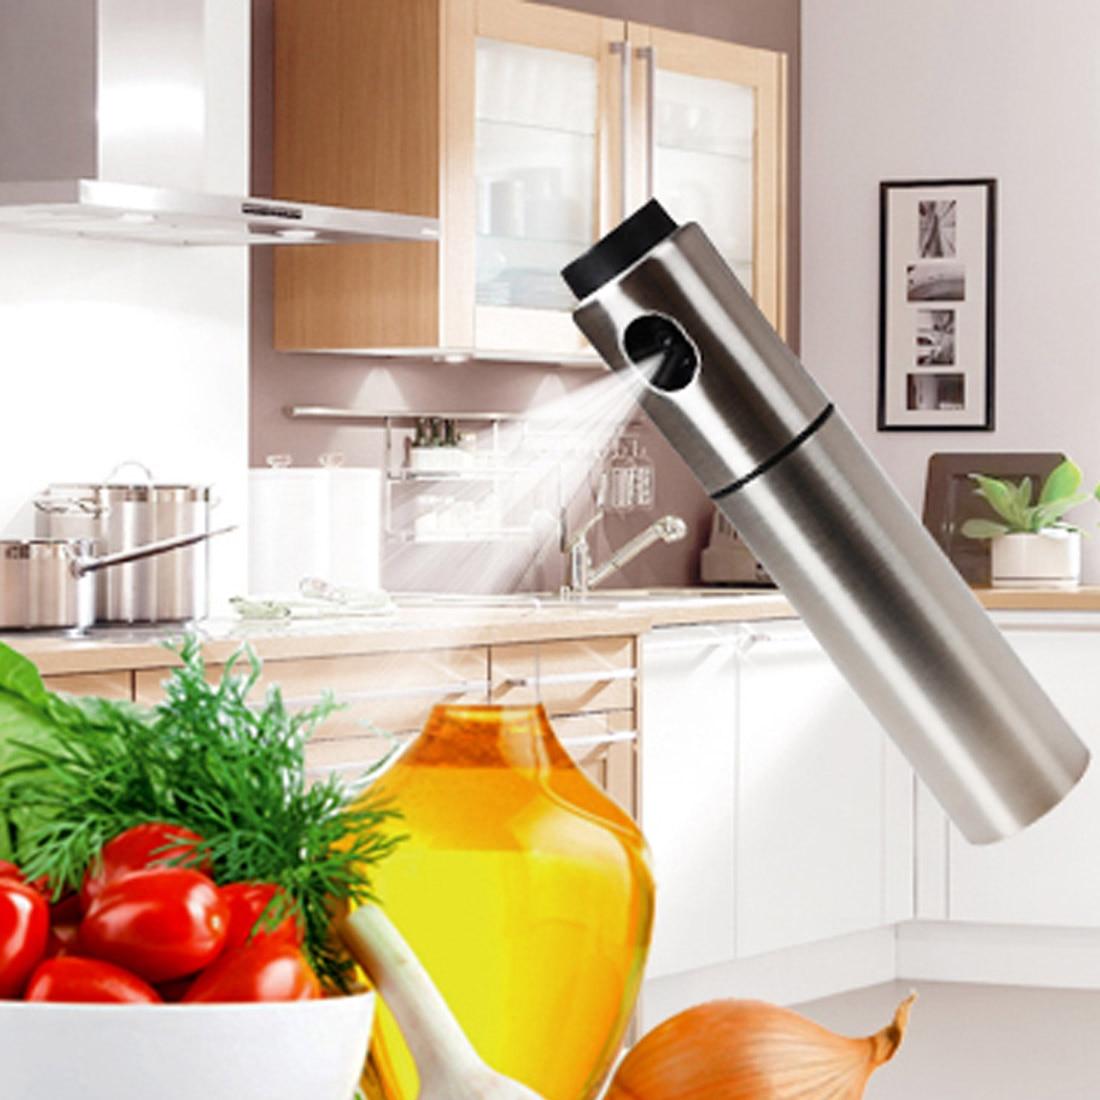 Новый Стиль серебро Нержавеющаясталь оливковое насос распыления масла бутылки опрыскиватель может Нефть jar горшок инструмент может горшок Кухонная посуда Кухня Инструменты